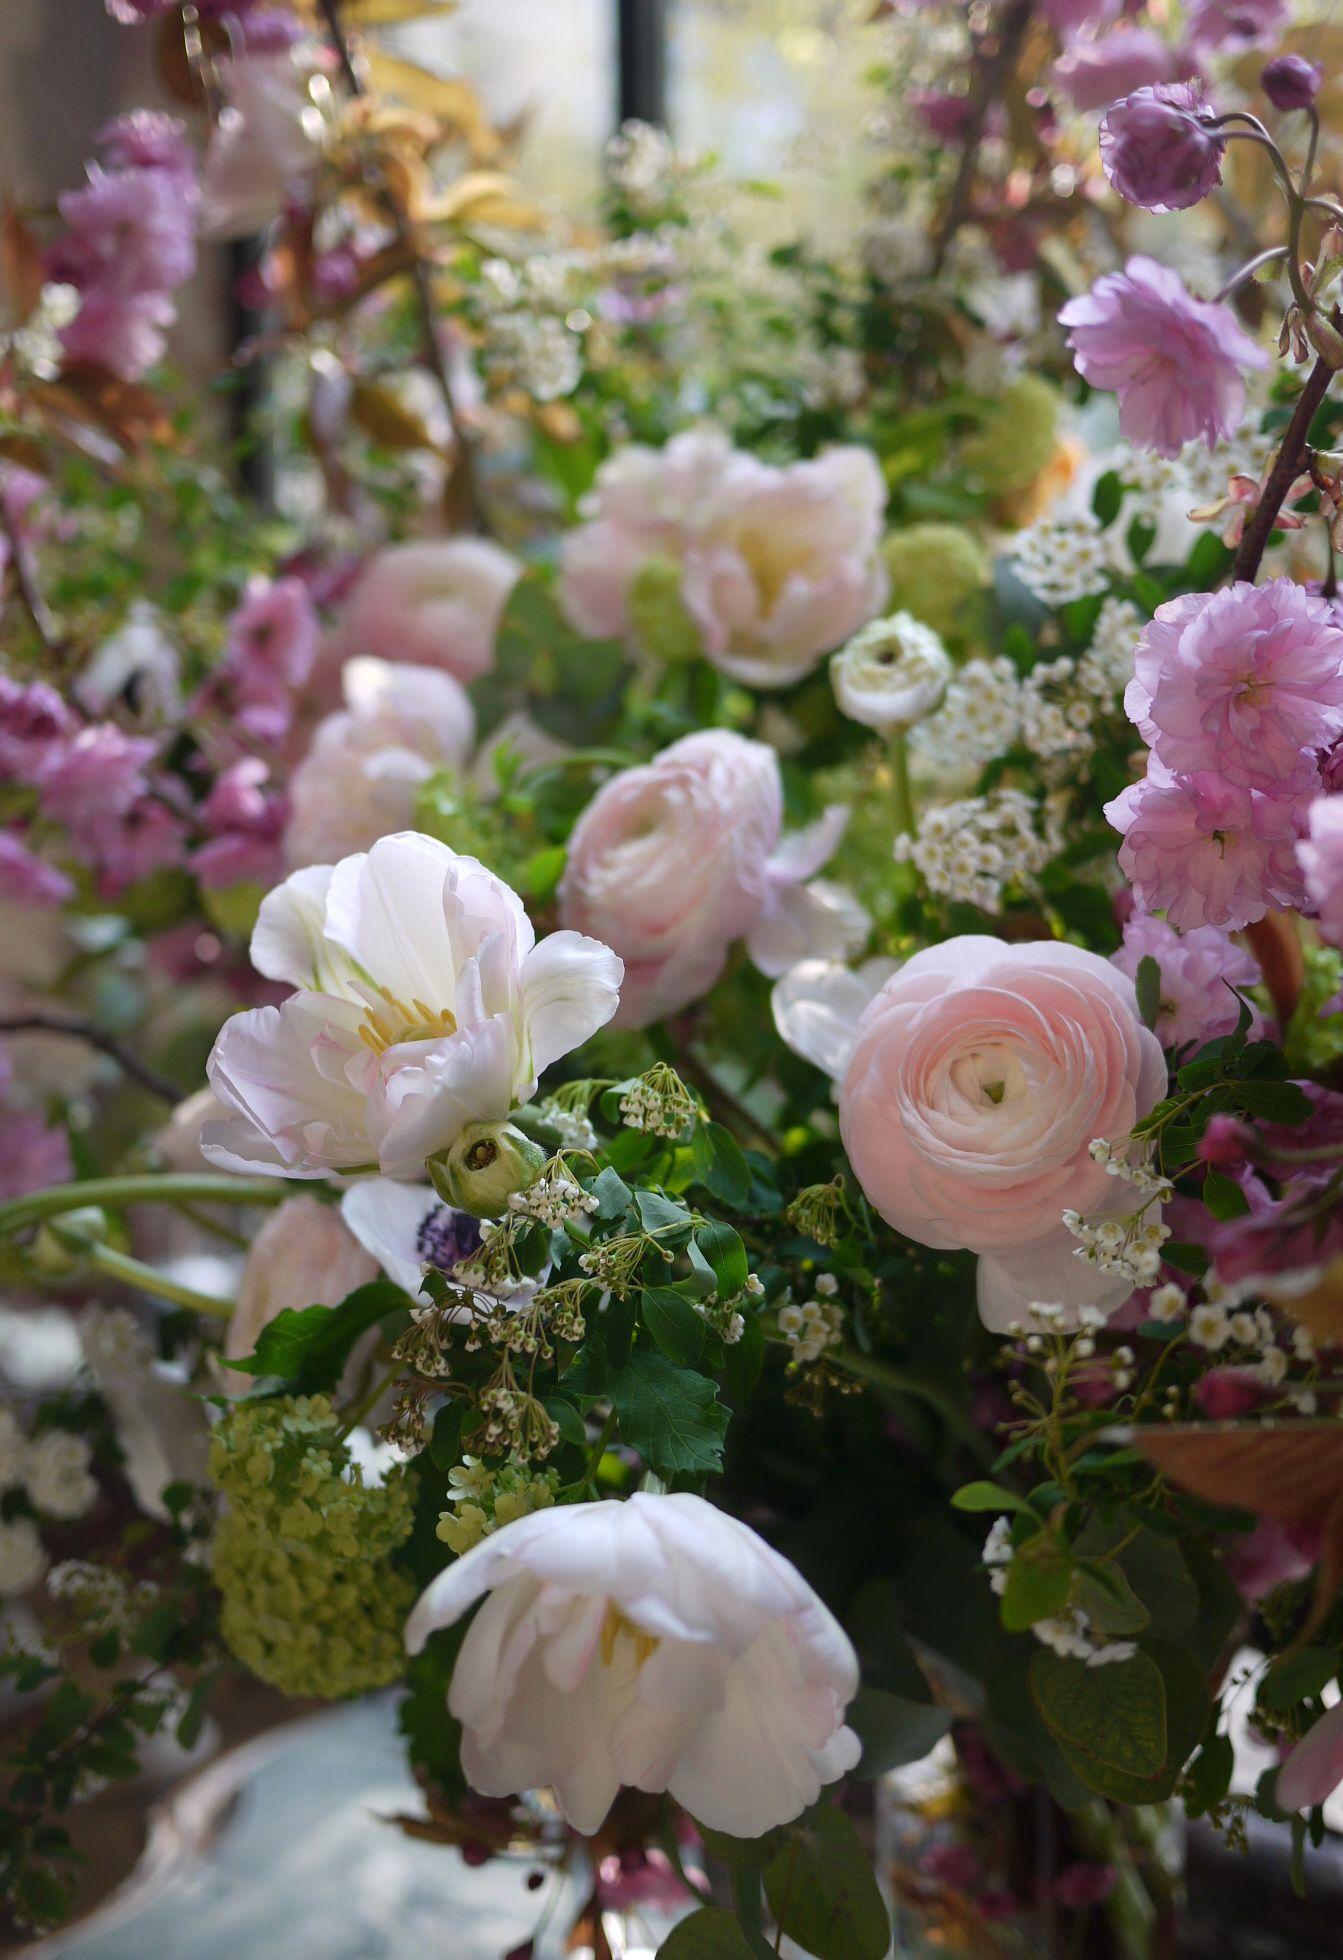 tulipe, anémone, renoncule, spirée, cerisier, viburnum,